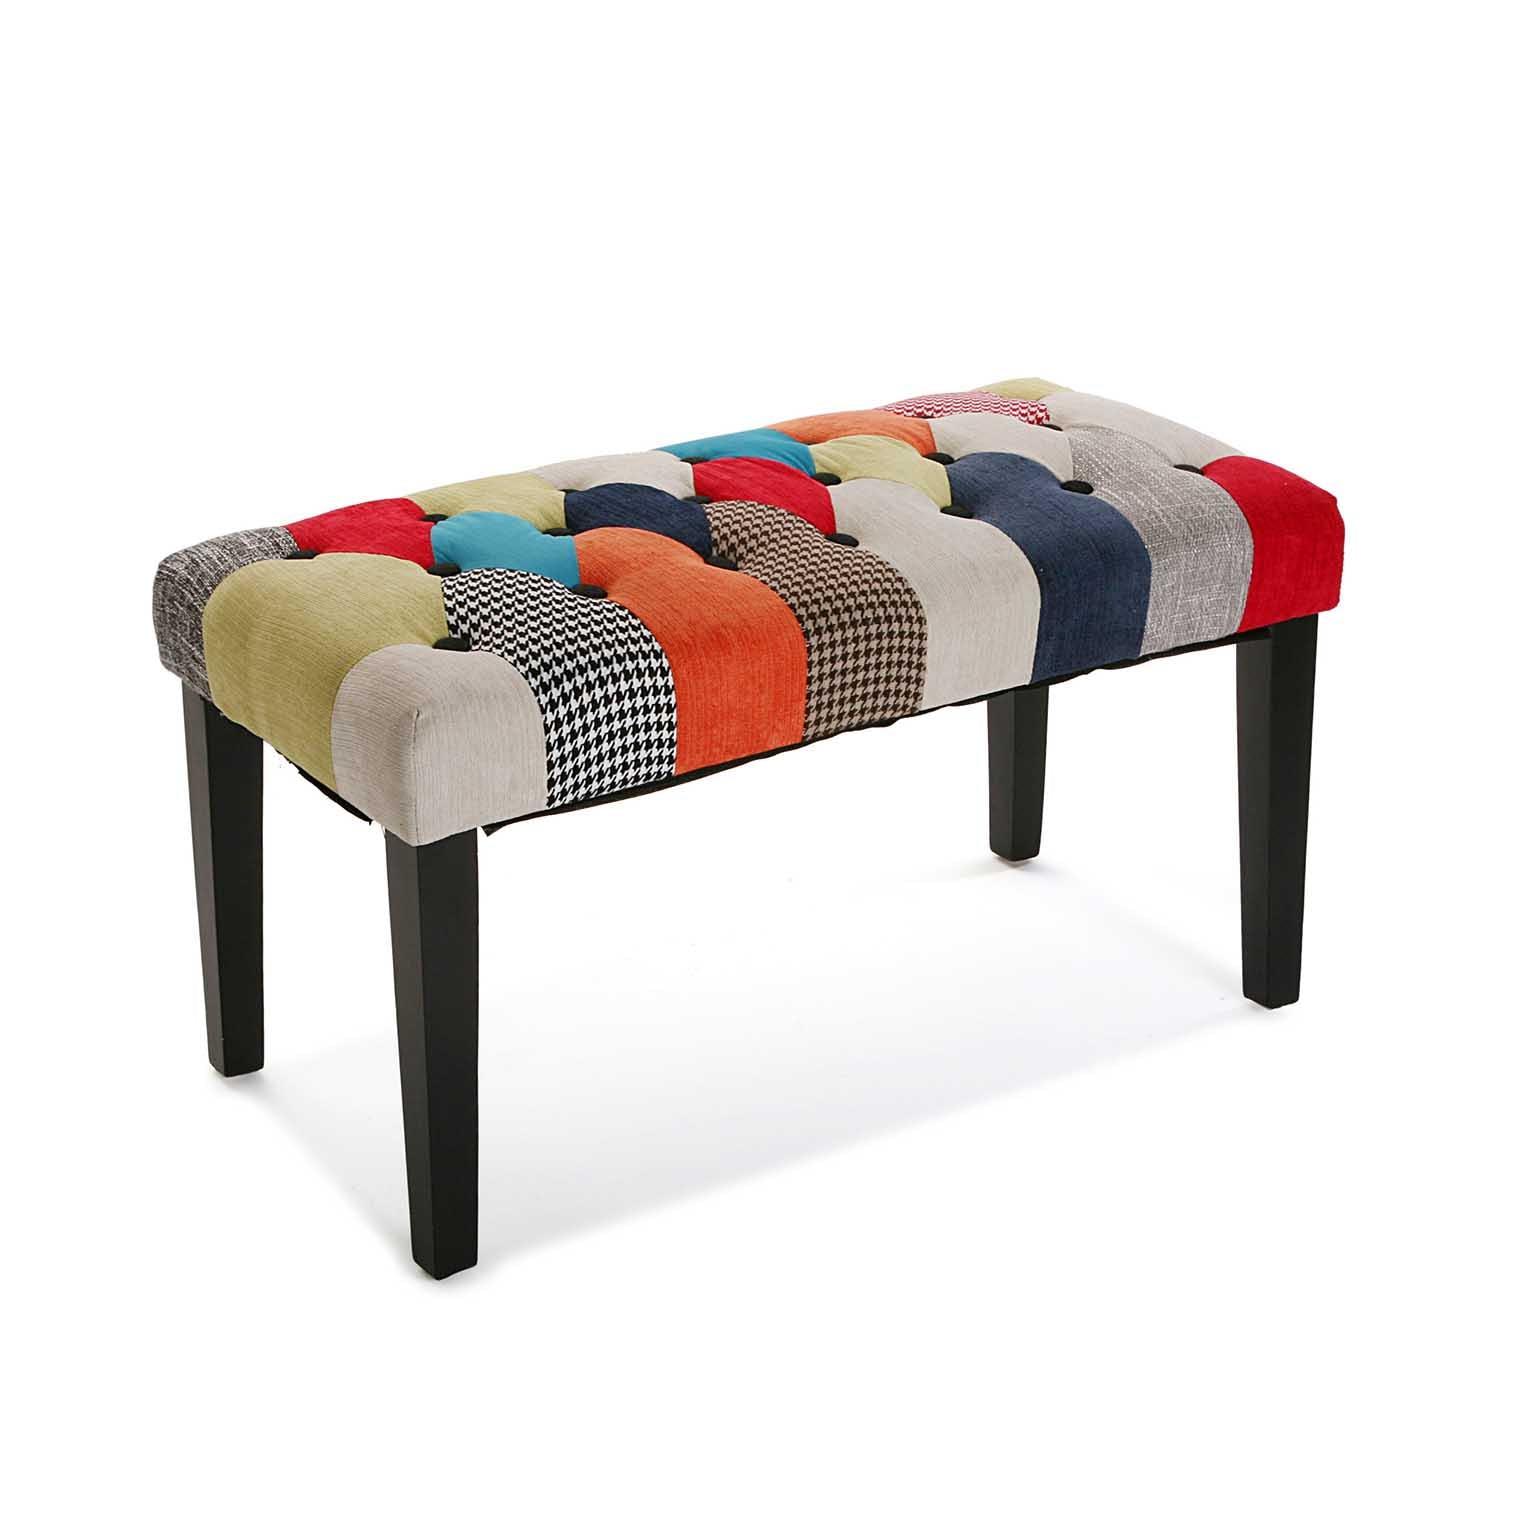 Banc / Bout de lit capitonné en tissu à motif Patchwork coloré 80x40x45cm BARCELONE